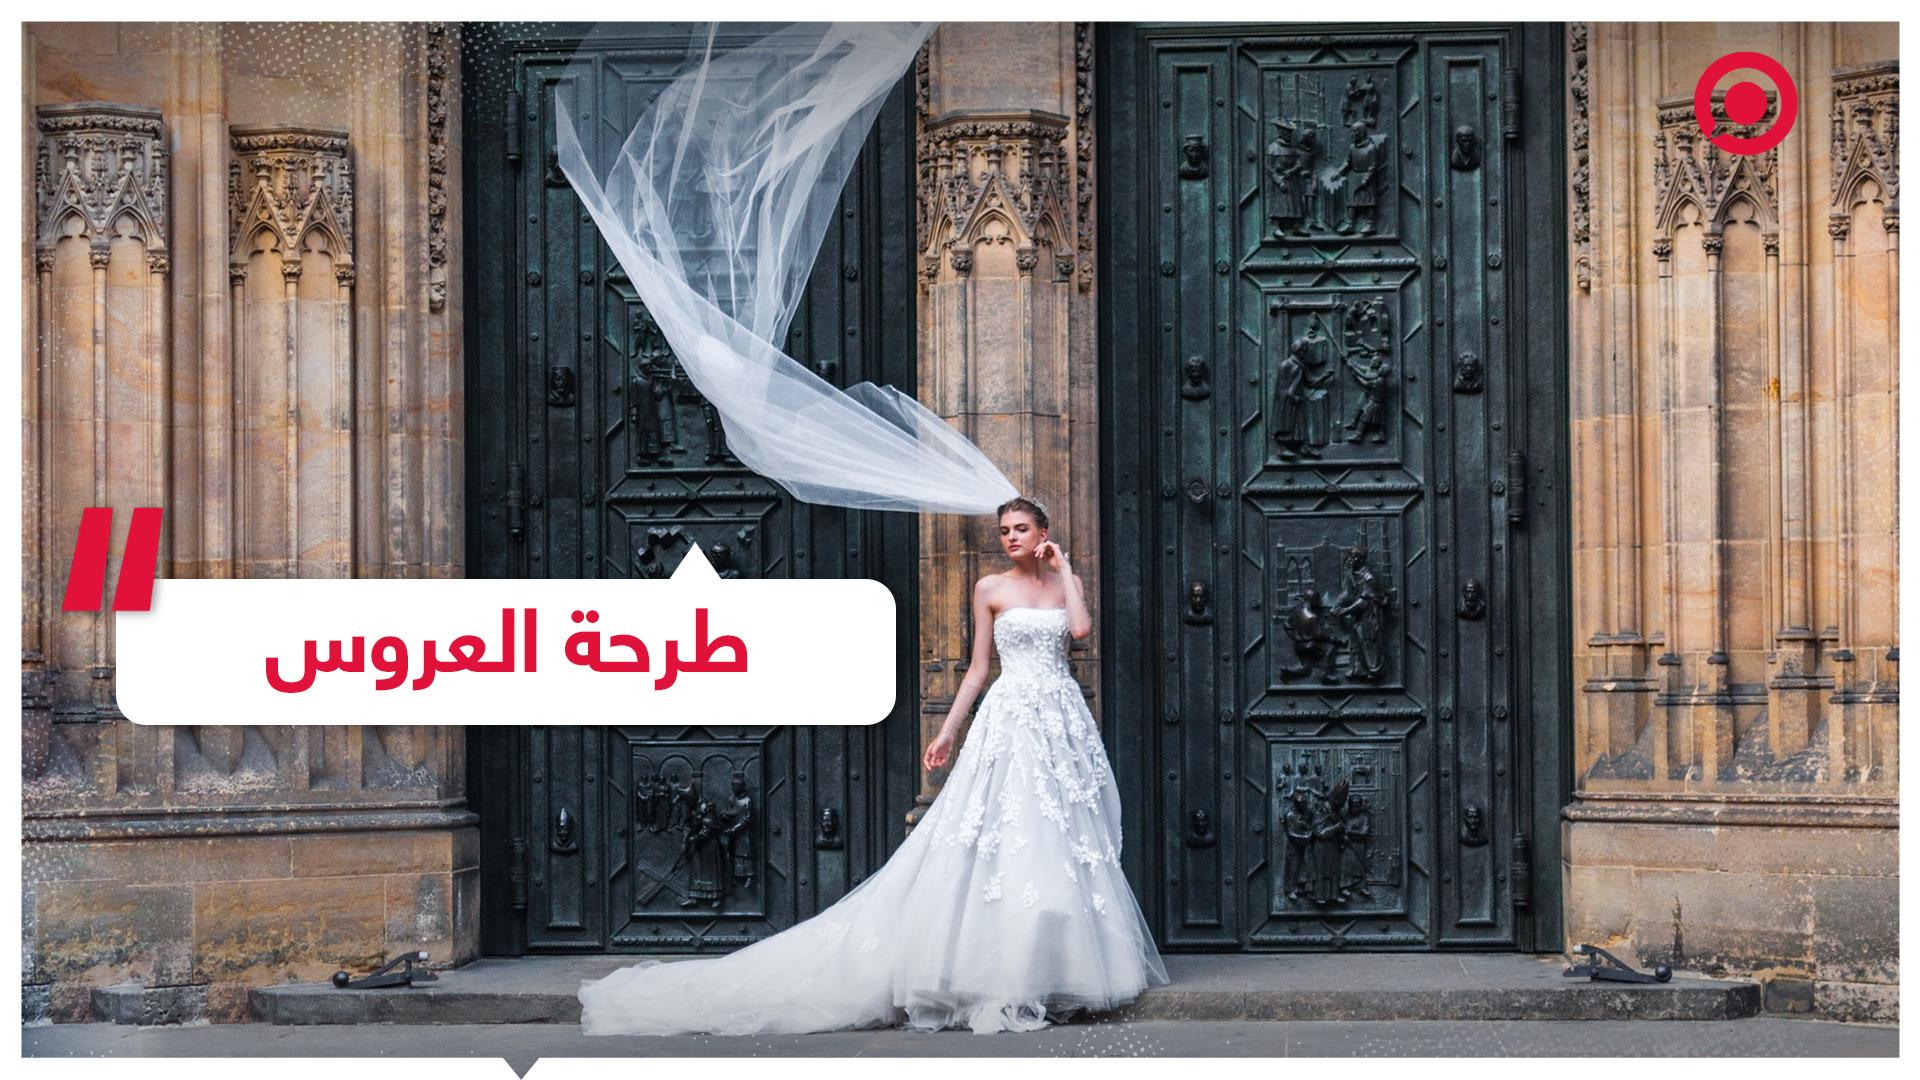 تاريخ طرحة العروس والأساطير حولها